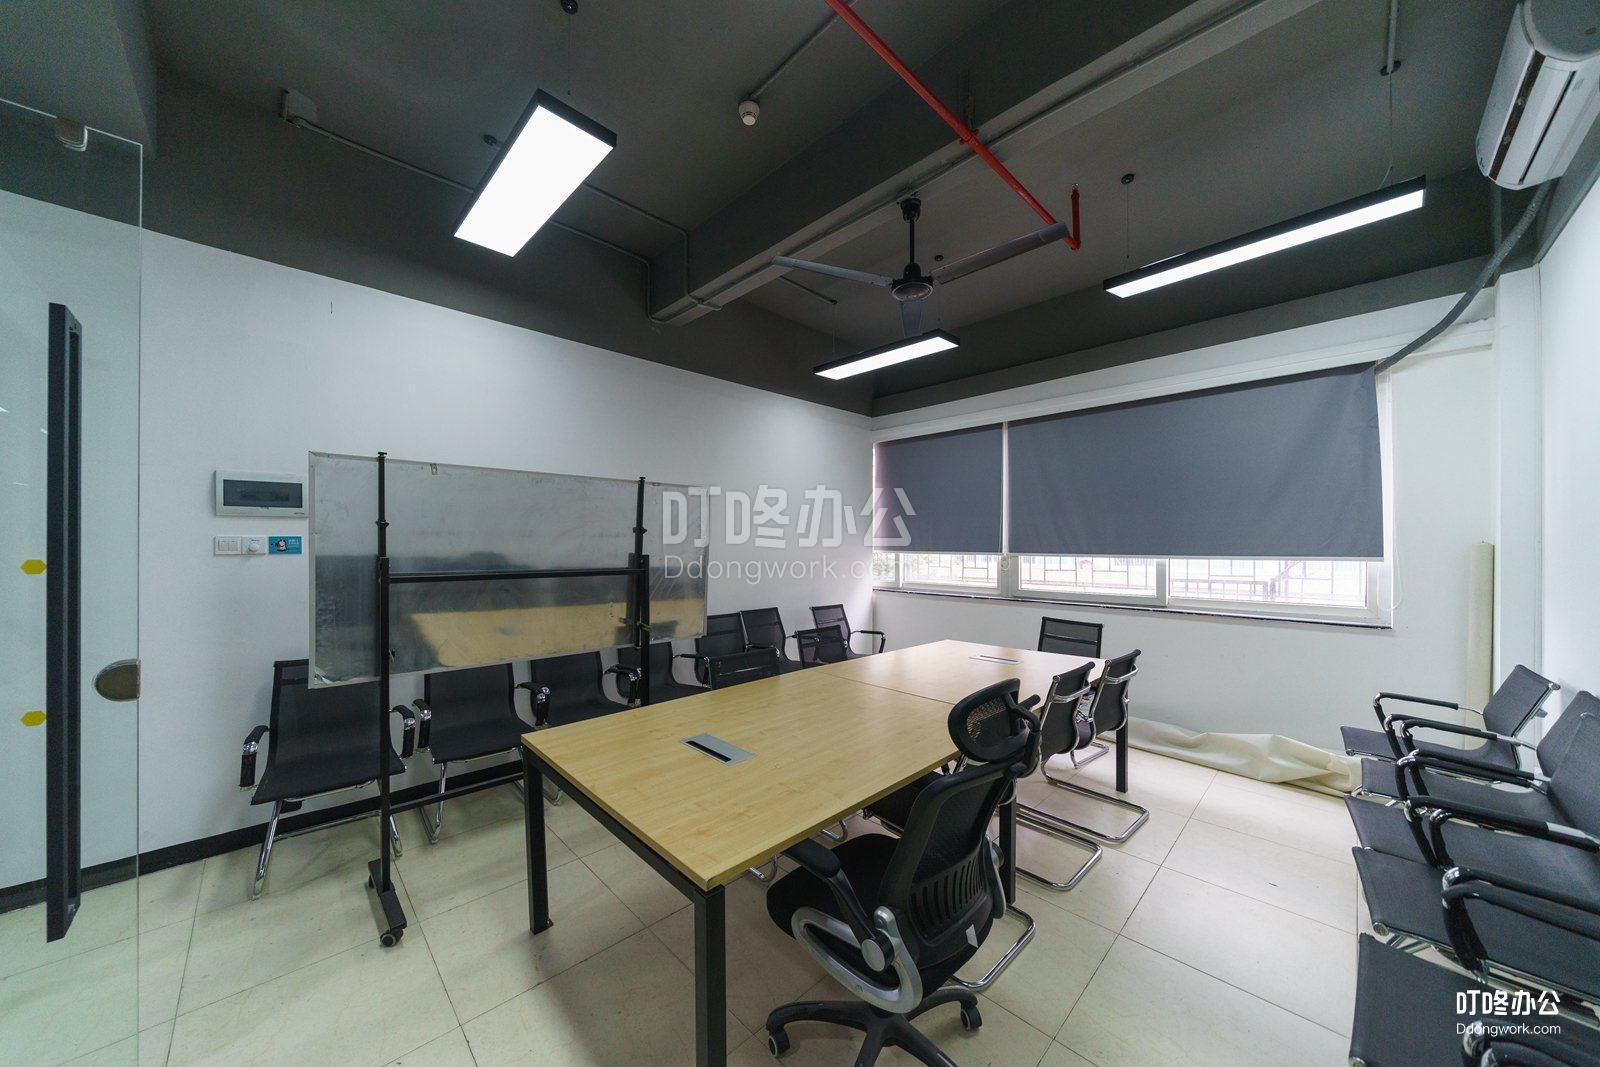 深圳yeswedo蜂巢社区•优客工场独立空间